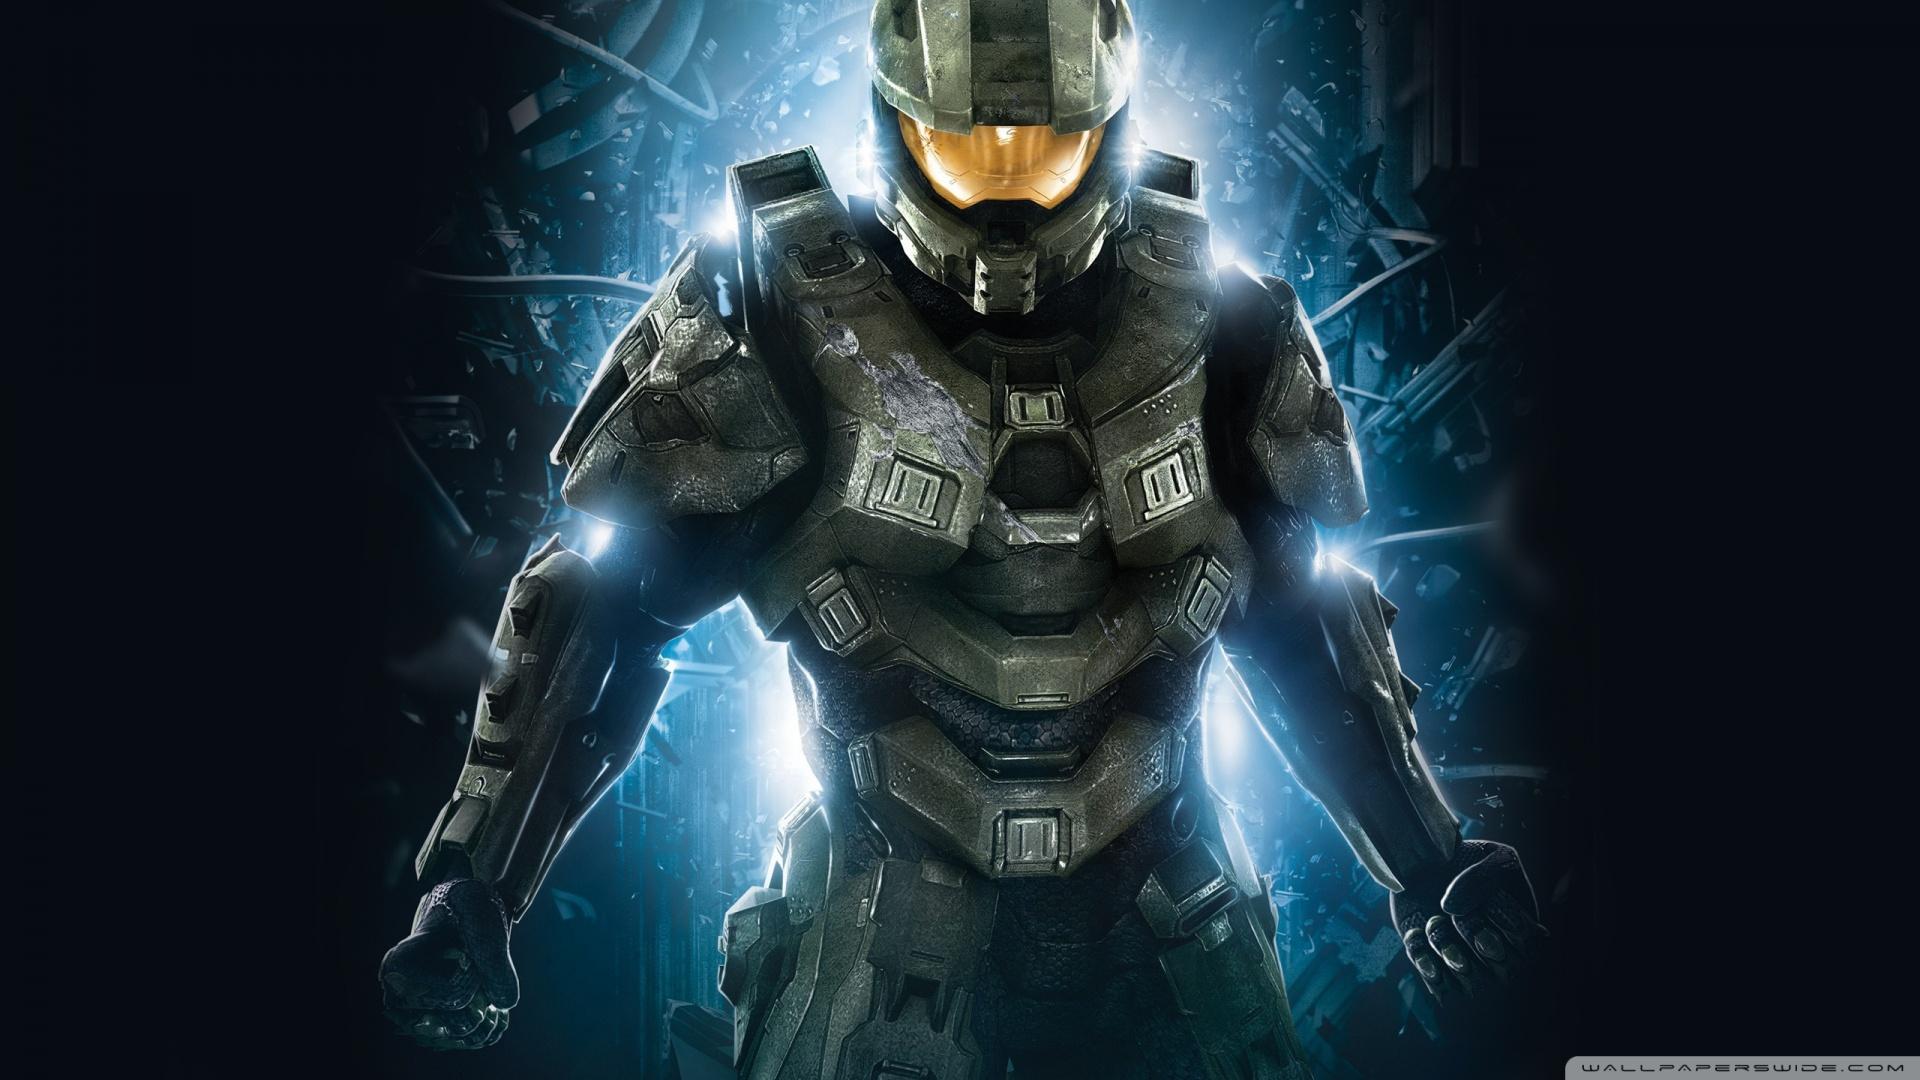 شایعه: بازی Halo The Master Chief Collection برای رایانههای شخصی هم منتشر خواهد شد